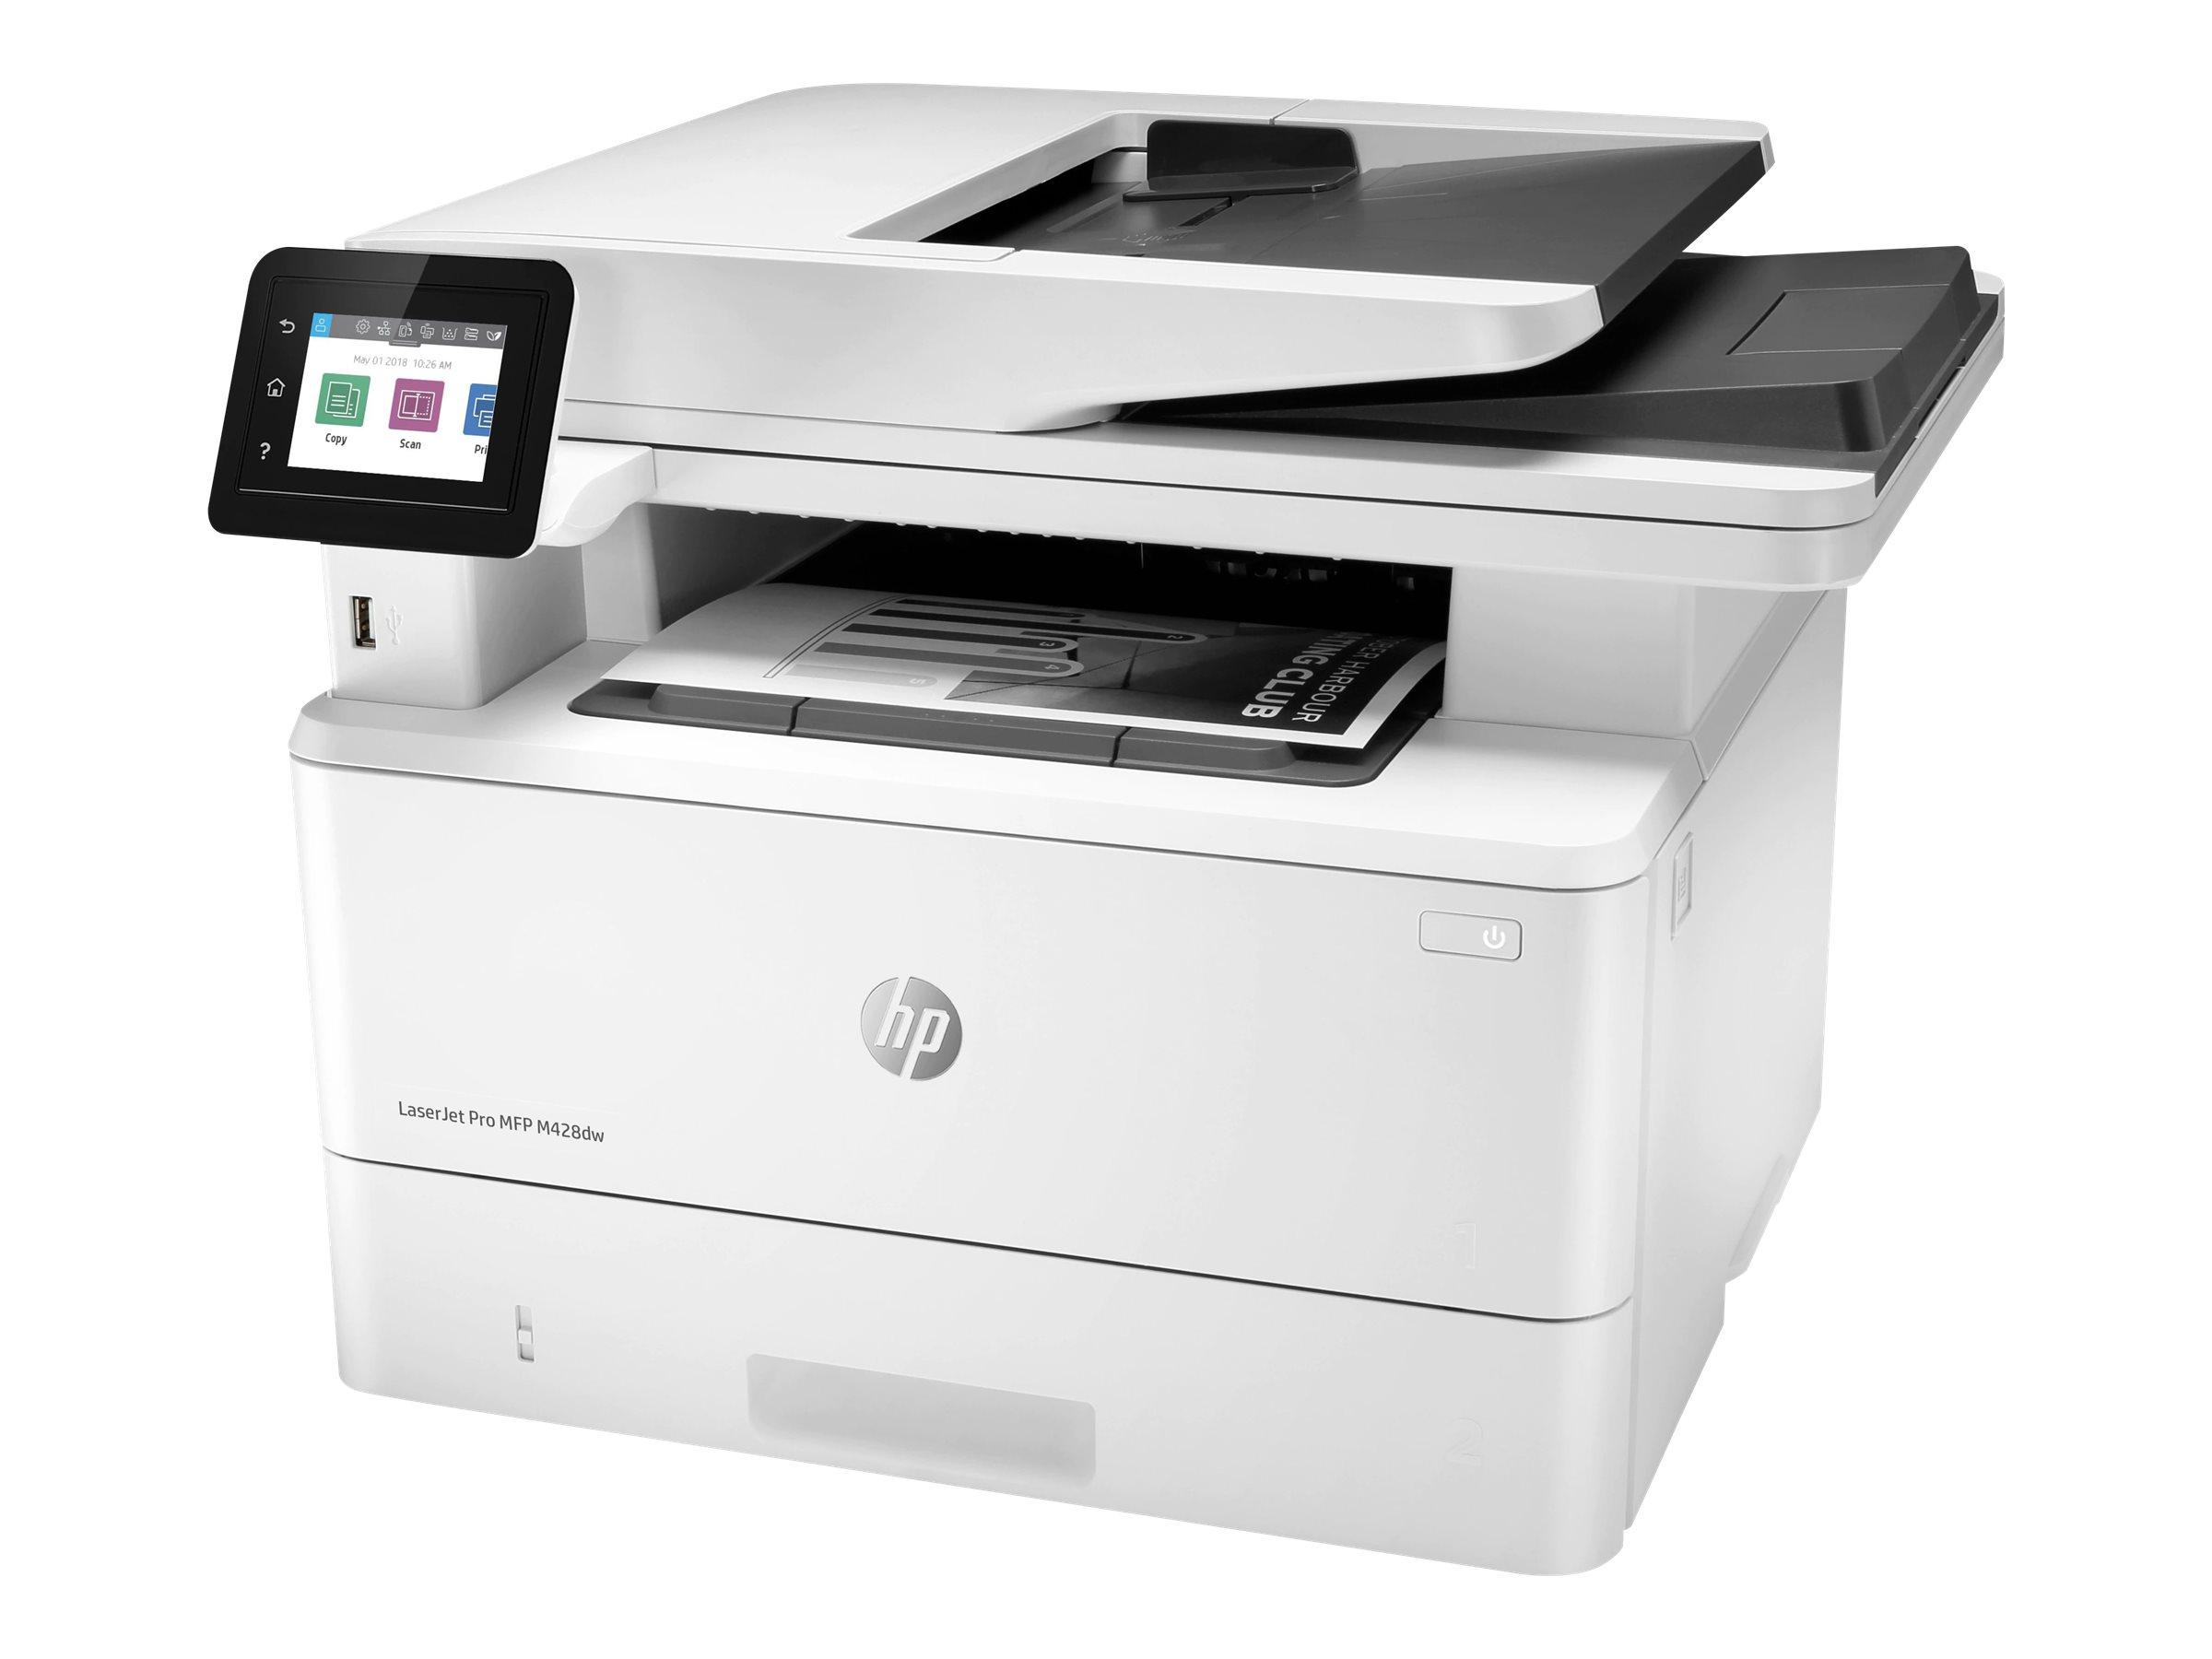 HP LaserJet Pro MFP M428dw - Multifunktionsdrucker - s/w - Laser - Legal (216 x 356 mm)